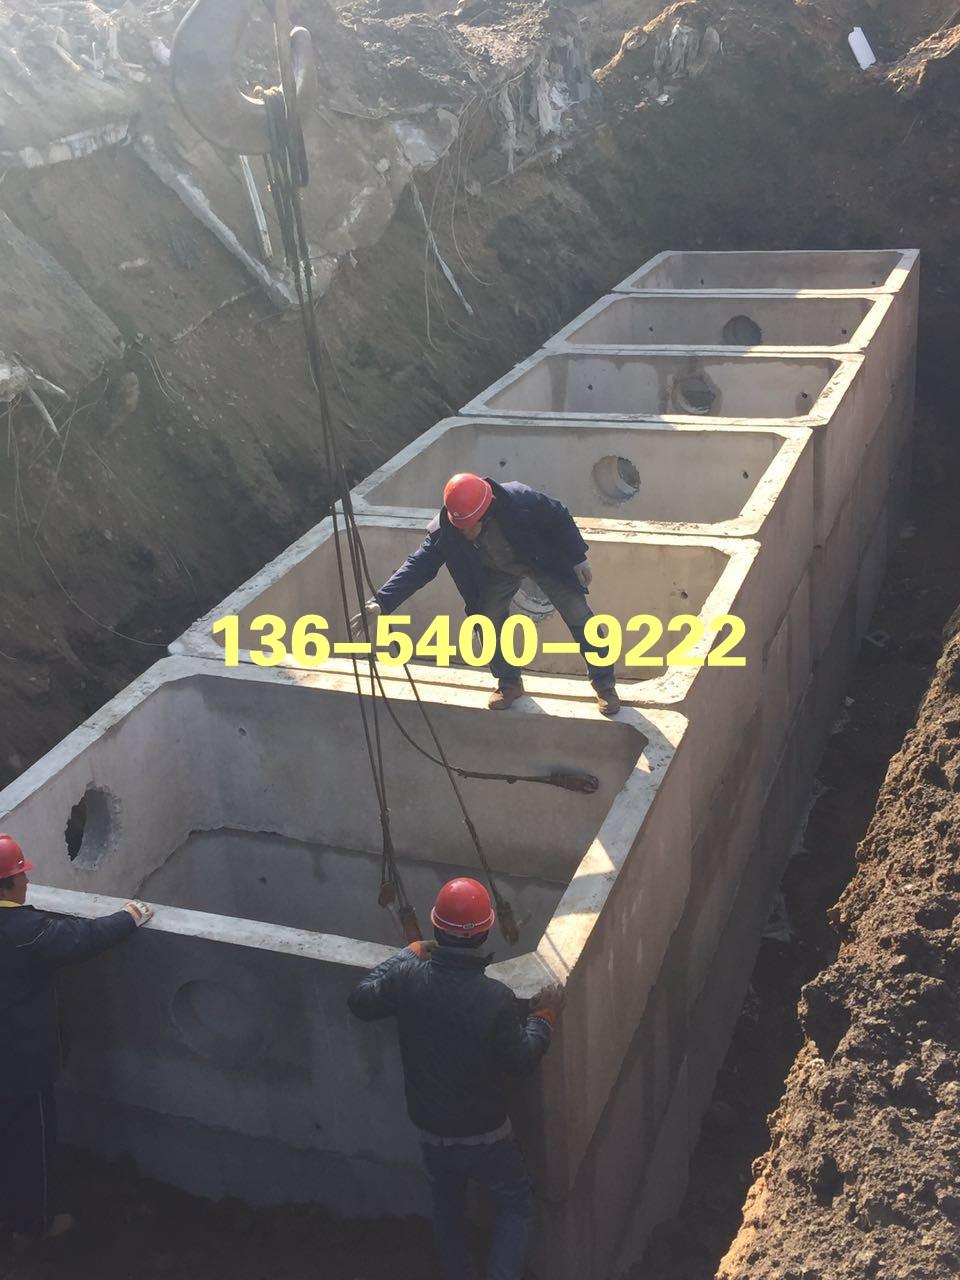 沈阳混凝土化粪池厂家-沈阳德砼水泥制品厂